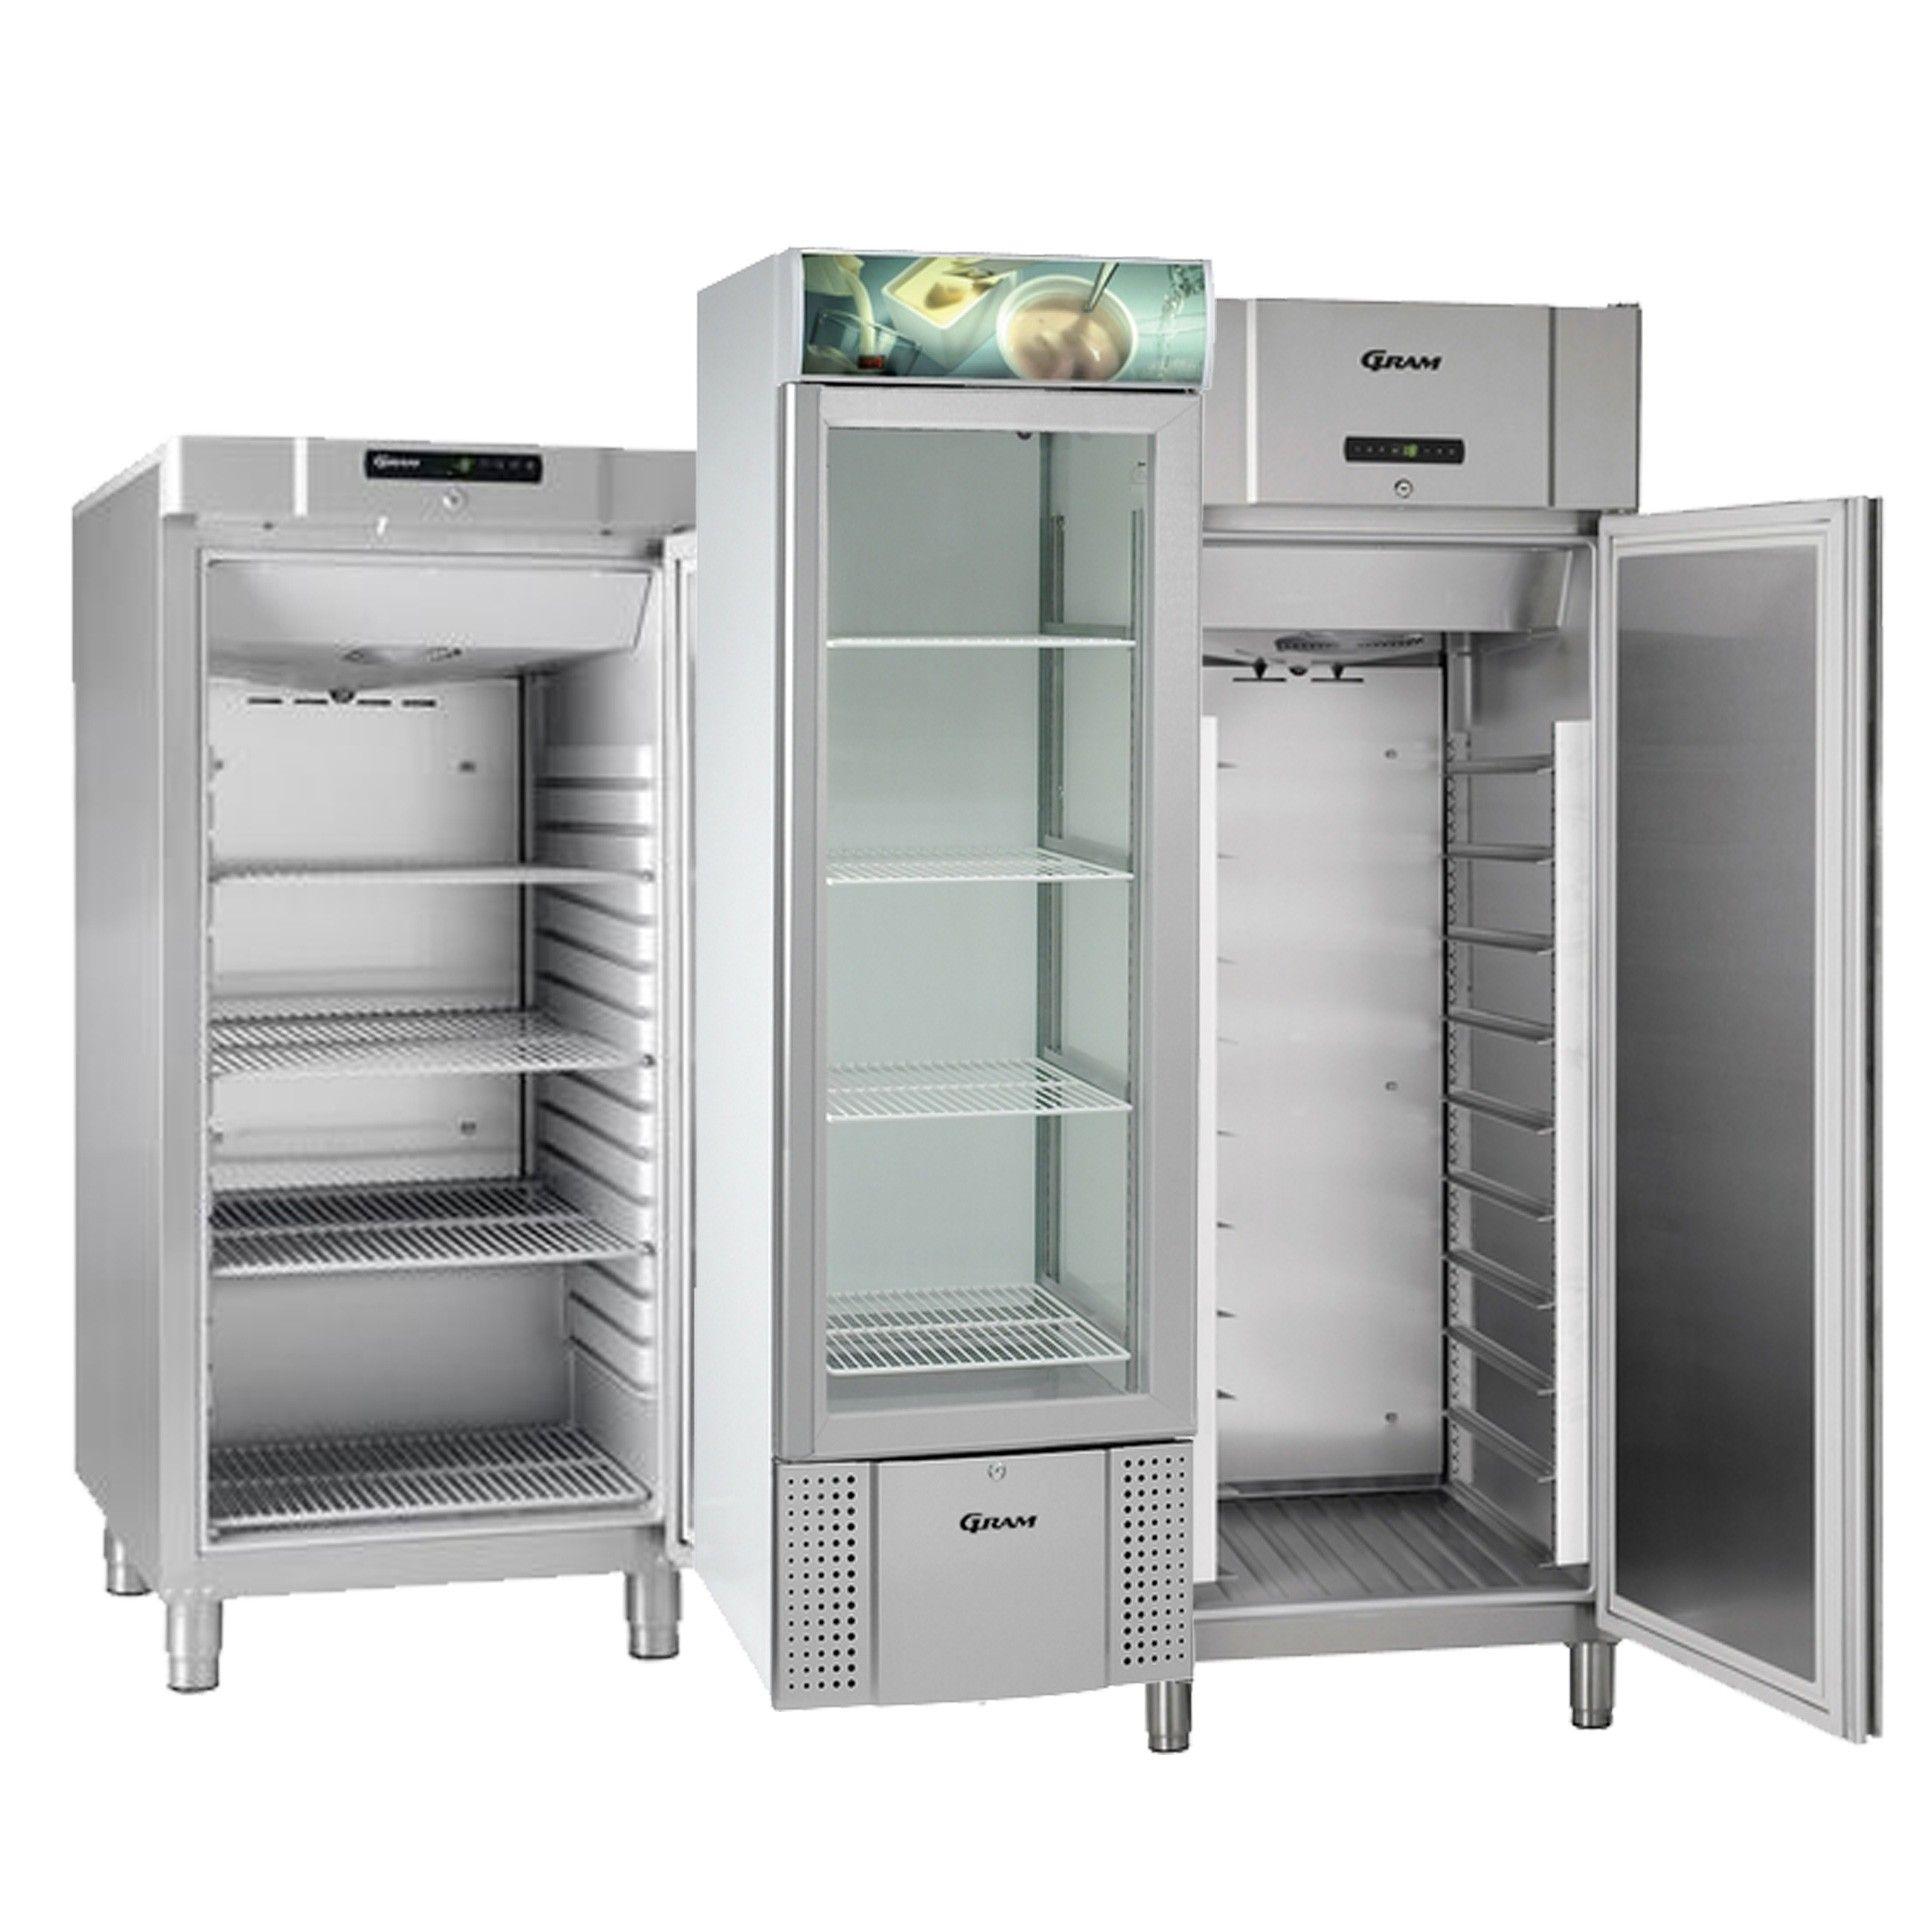 Gram Kühlschränke